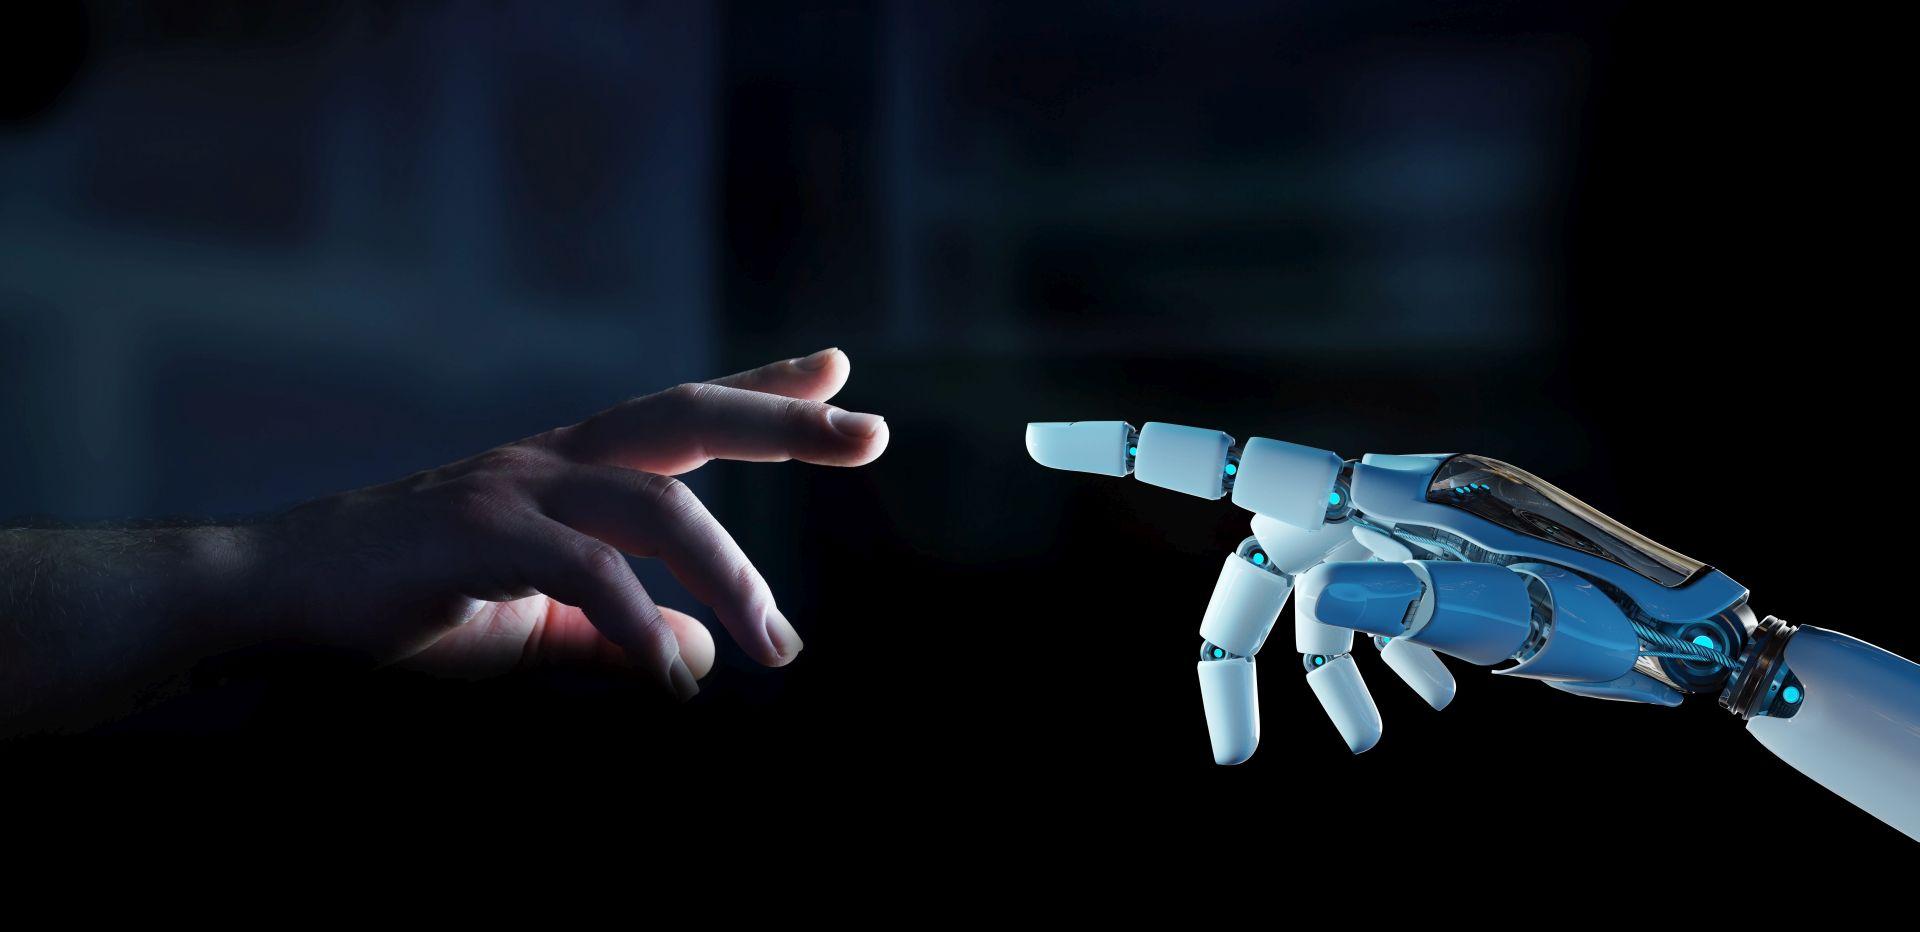 Kurs Roboterprogrammierung